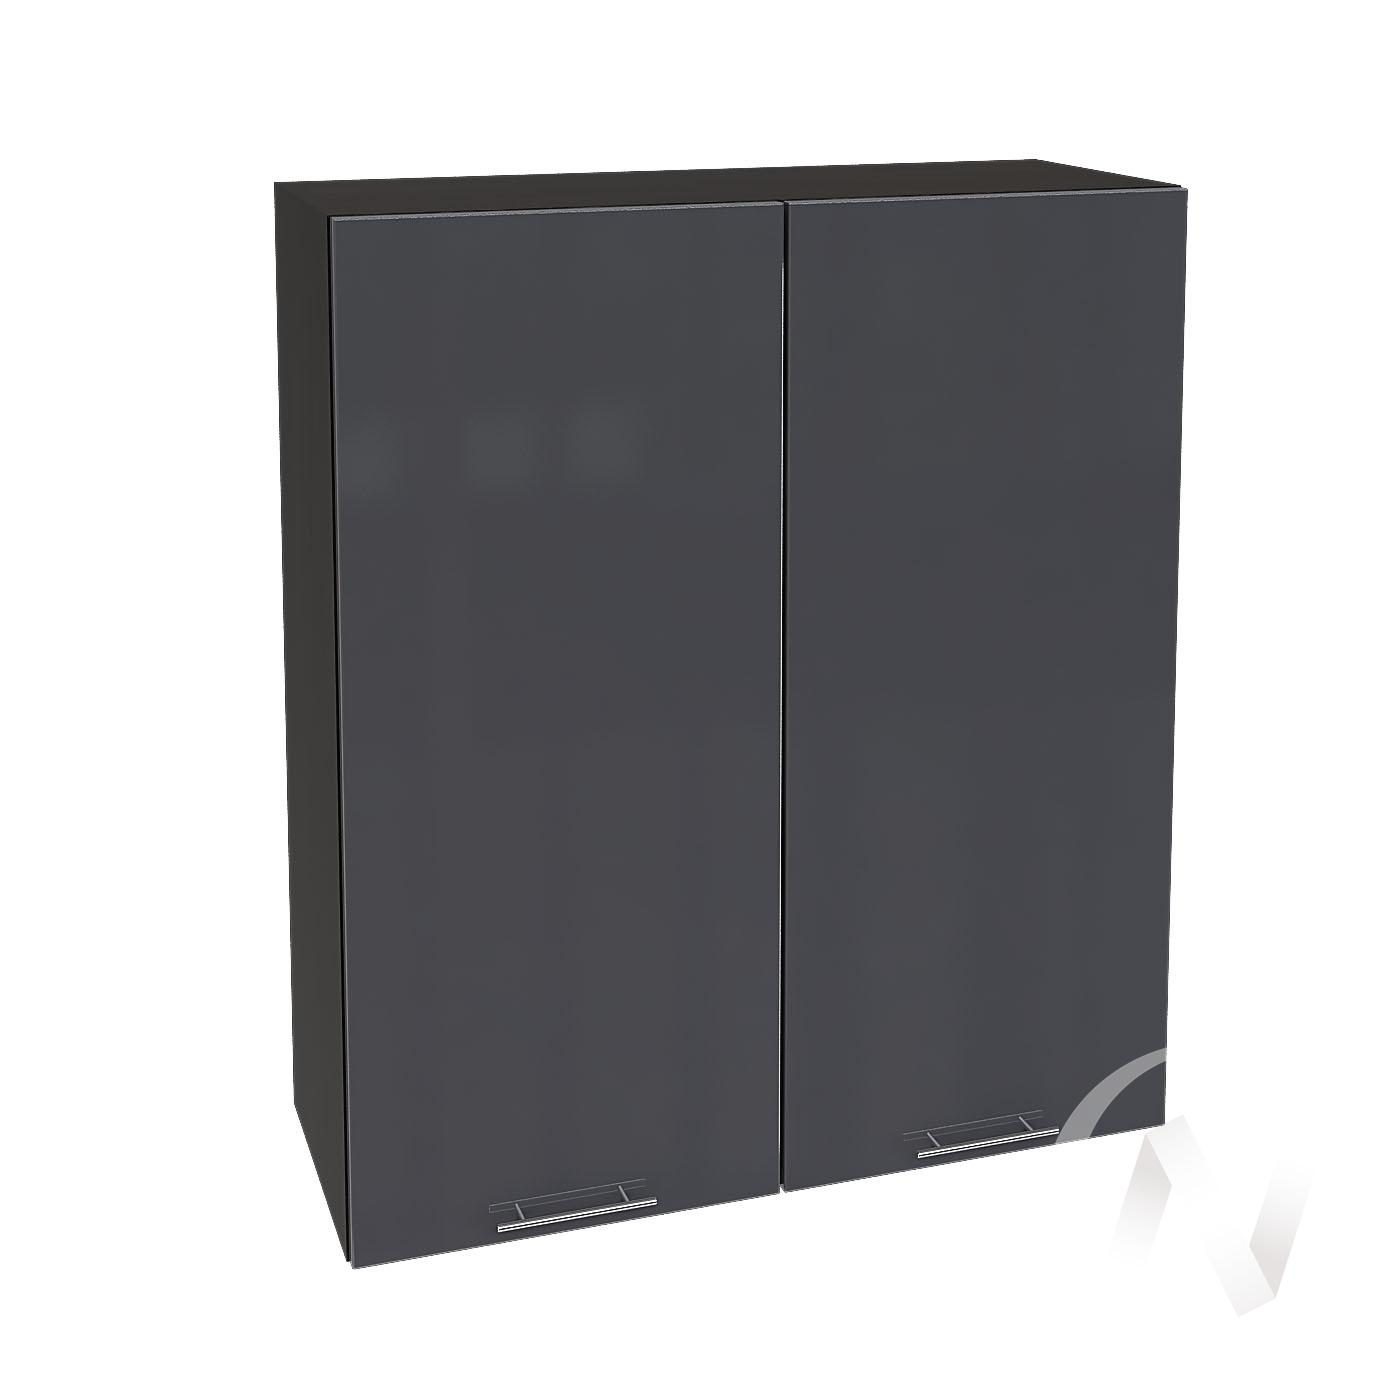 """Кухня """"Валерия-М"""": Шкаф верхний 809, ШВ 809 новый (Антрацит глянец/корпус венге)"""